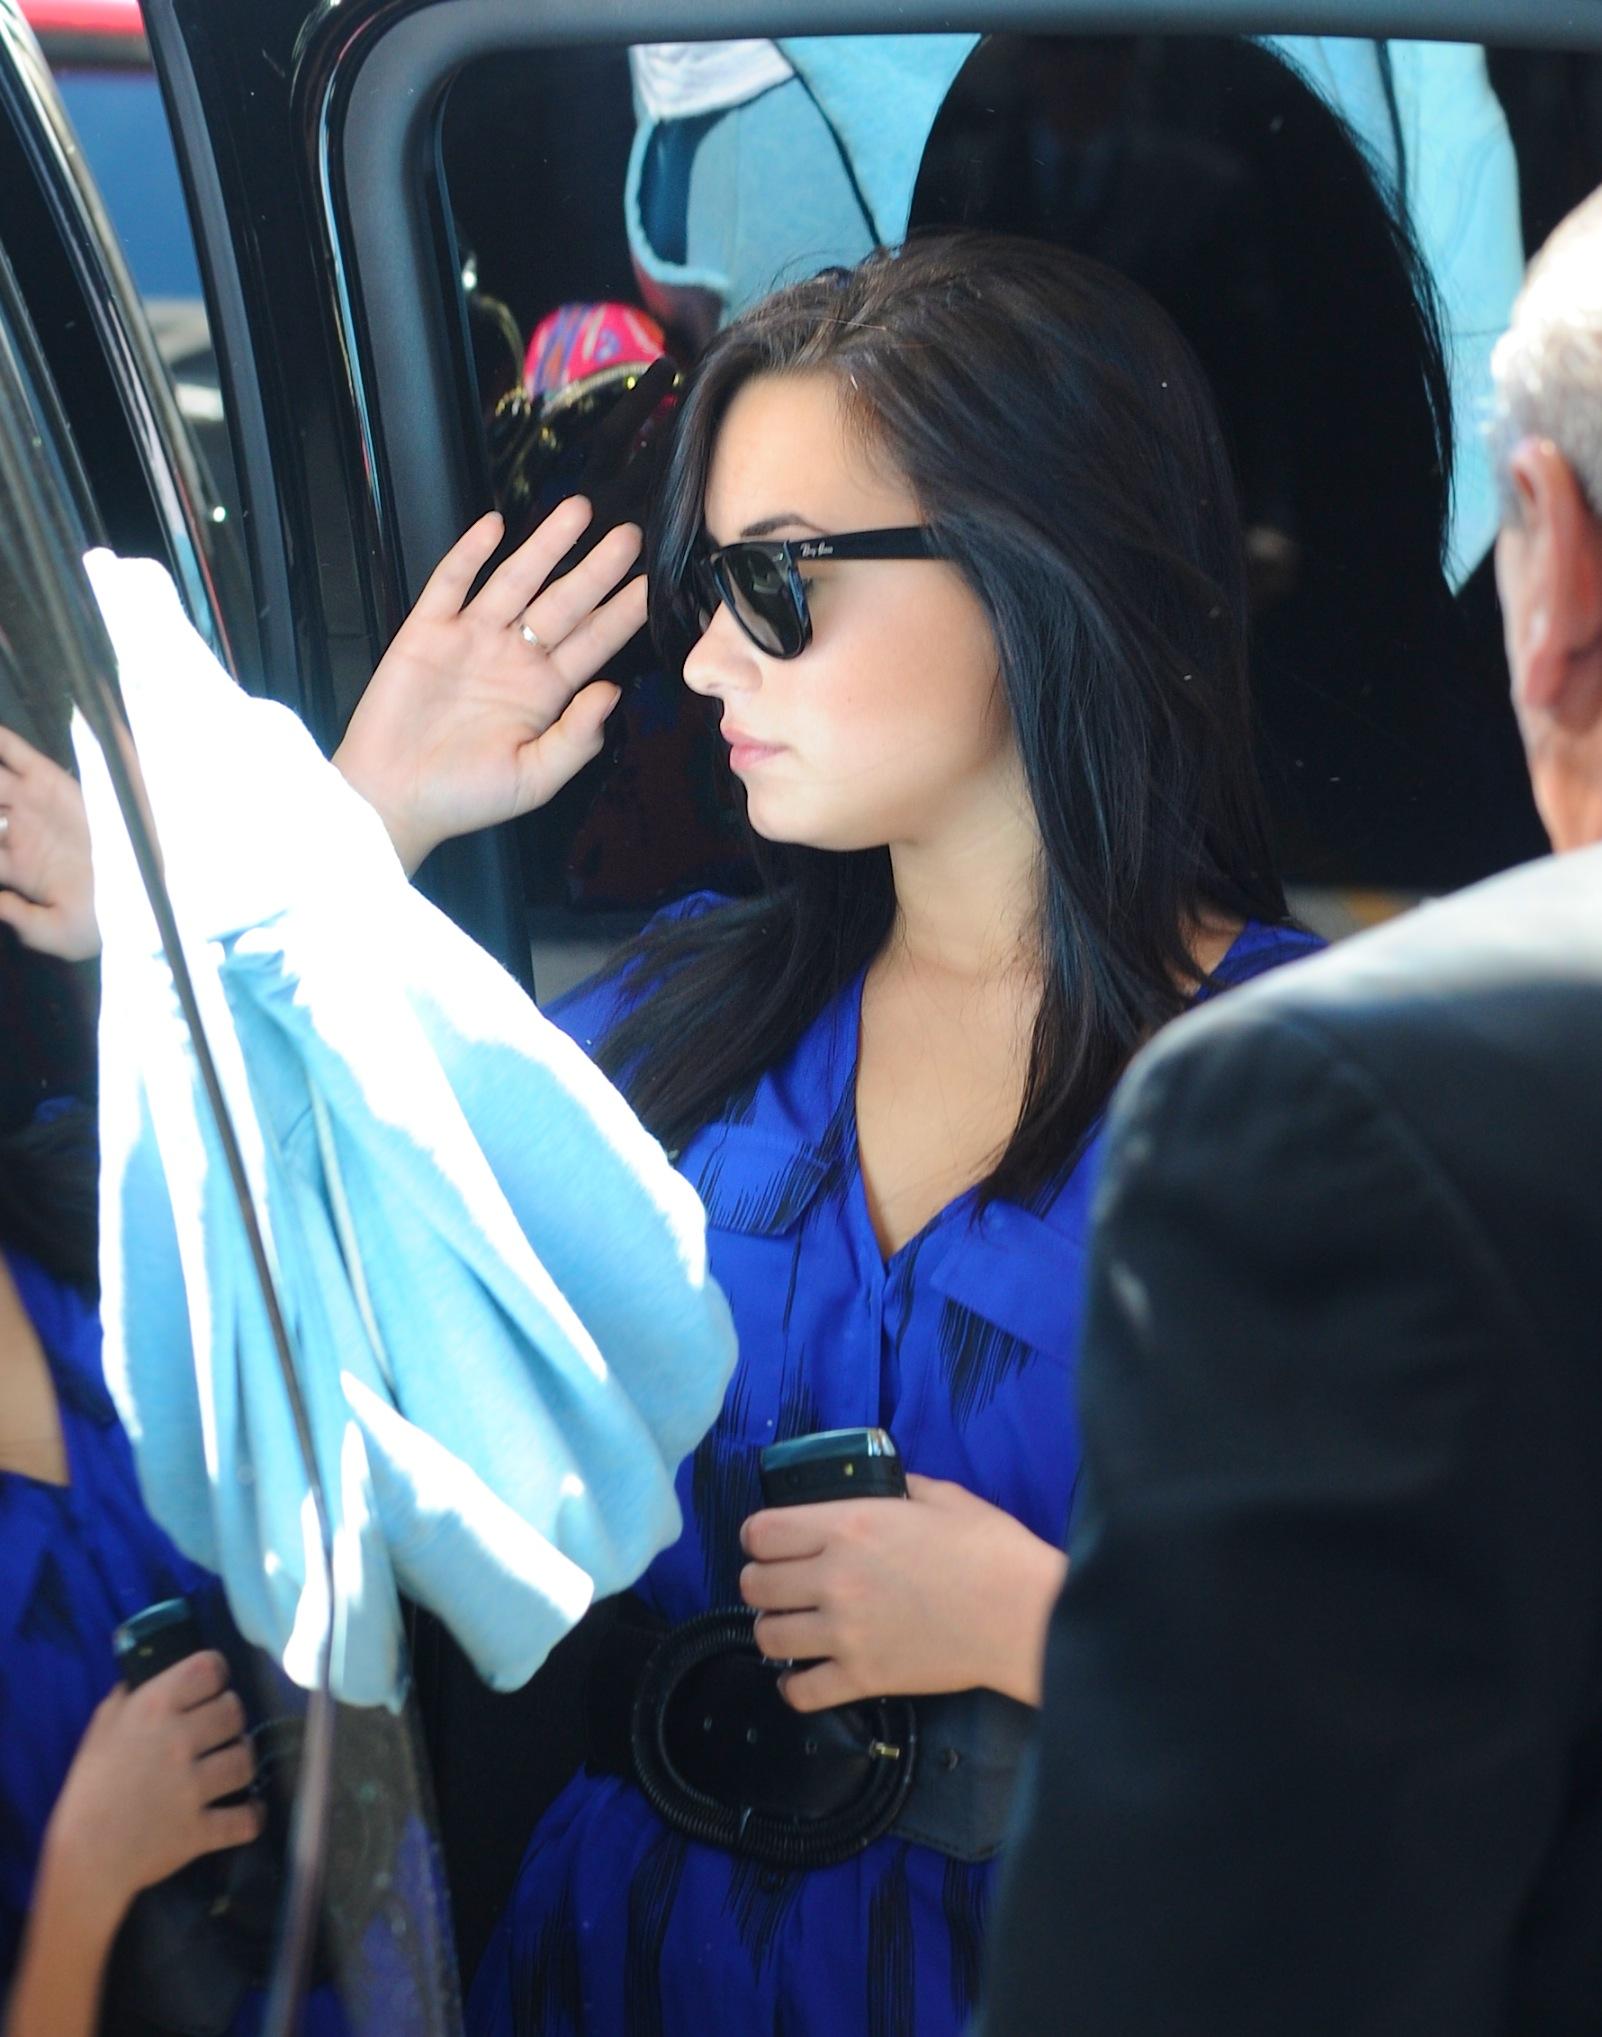 51317_Demi_Lovato_arrives_into_LAX_Airport_009_122_119lo.jpg